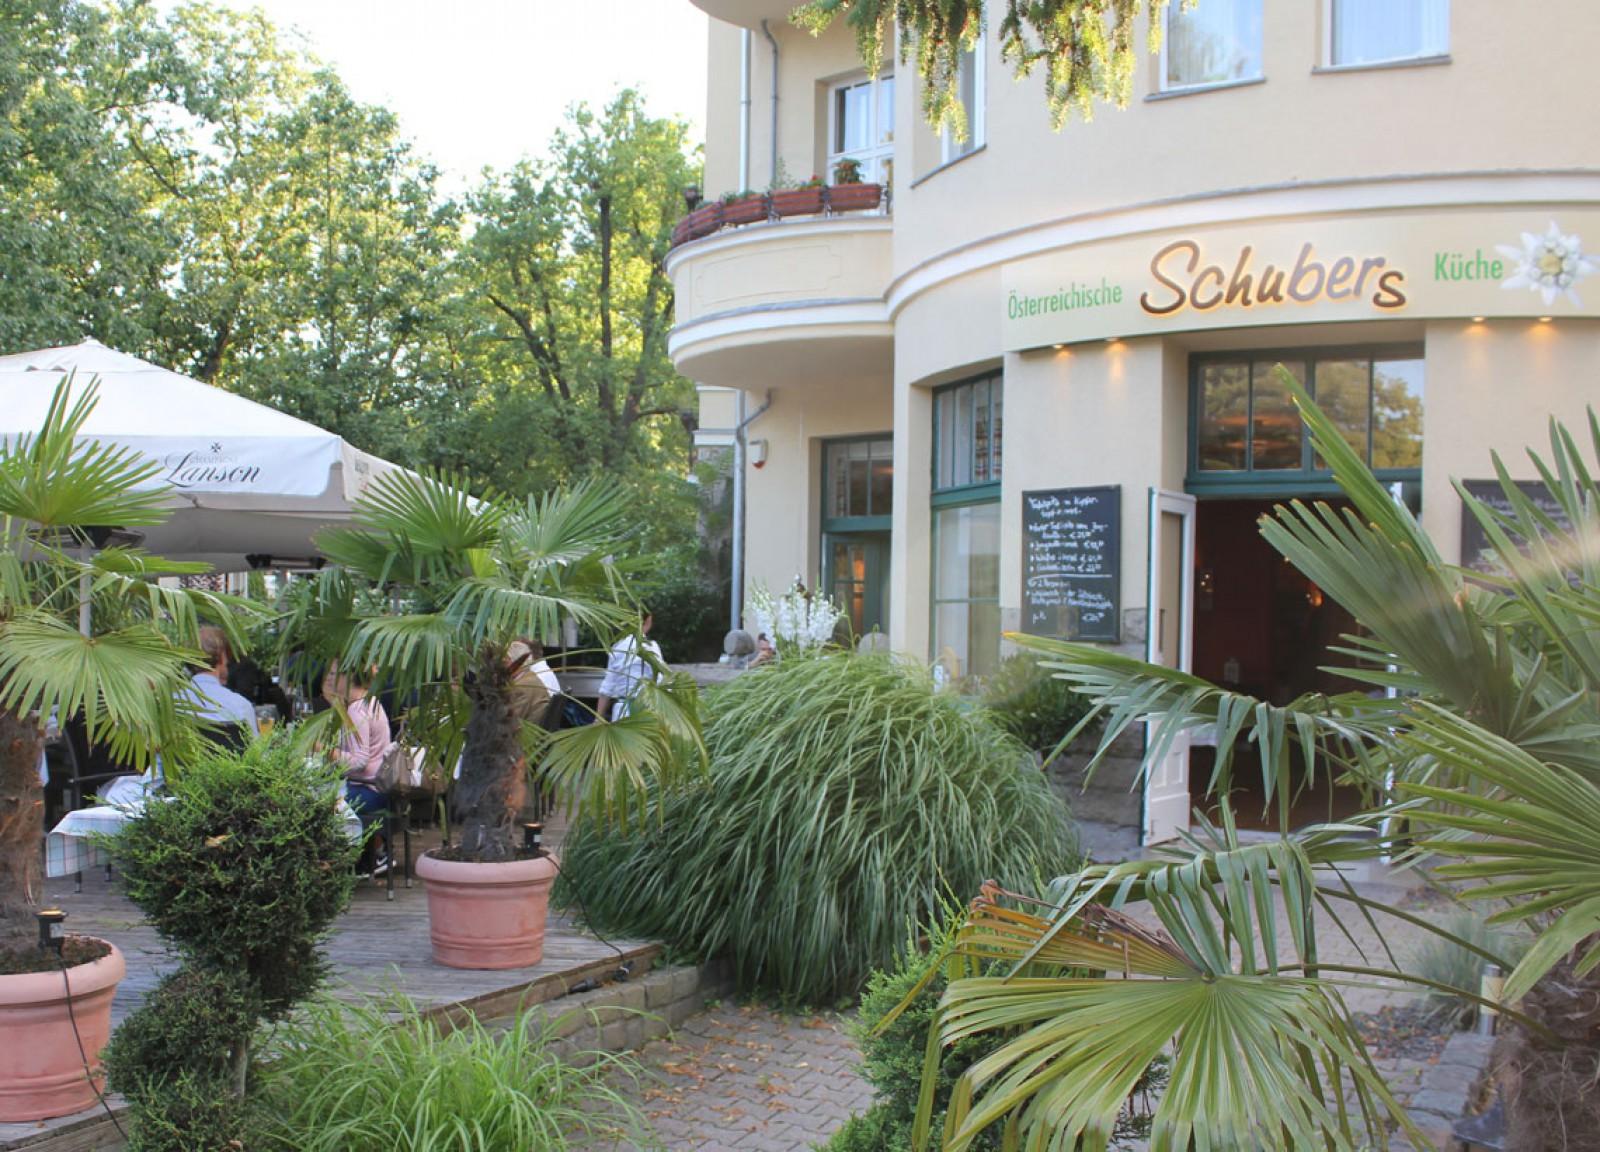 schubers Österreichische küche in berlin